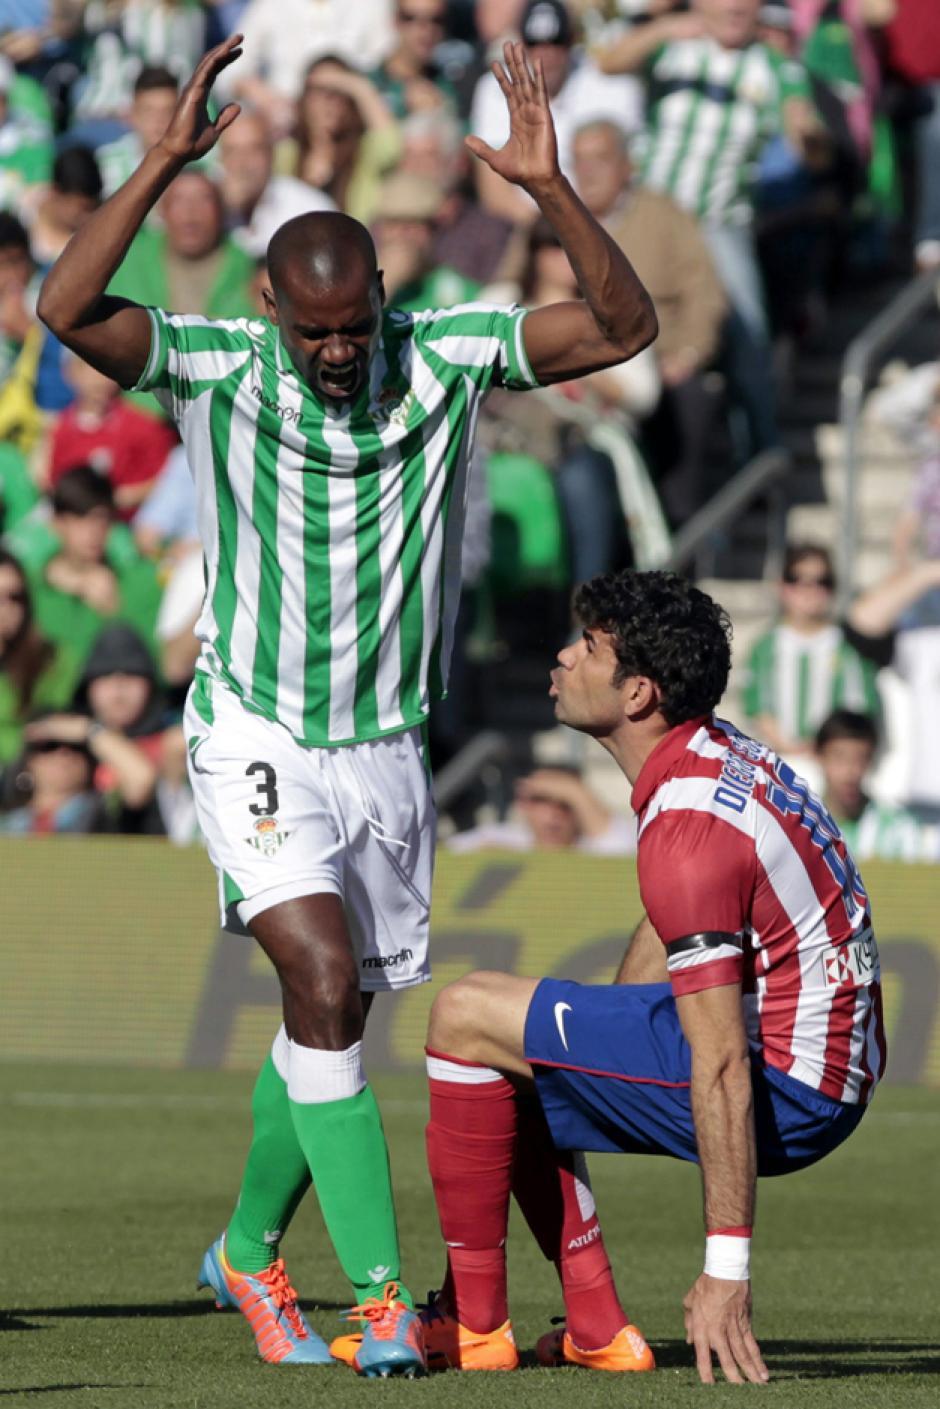 Los rojiblancos podrían acercarse más al Real Madrid o dejar atrás al Barcelona. (Foto: EFE)